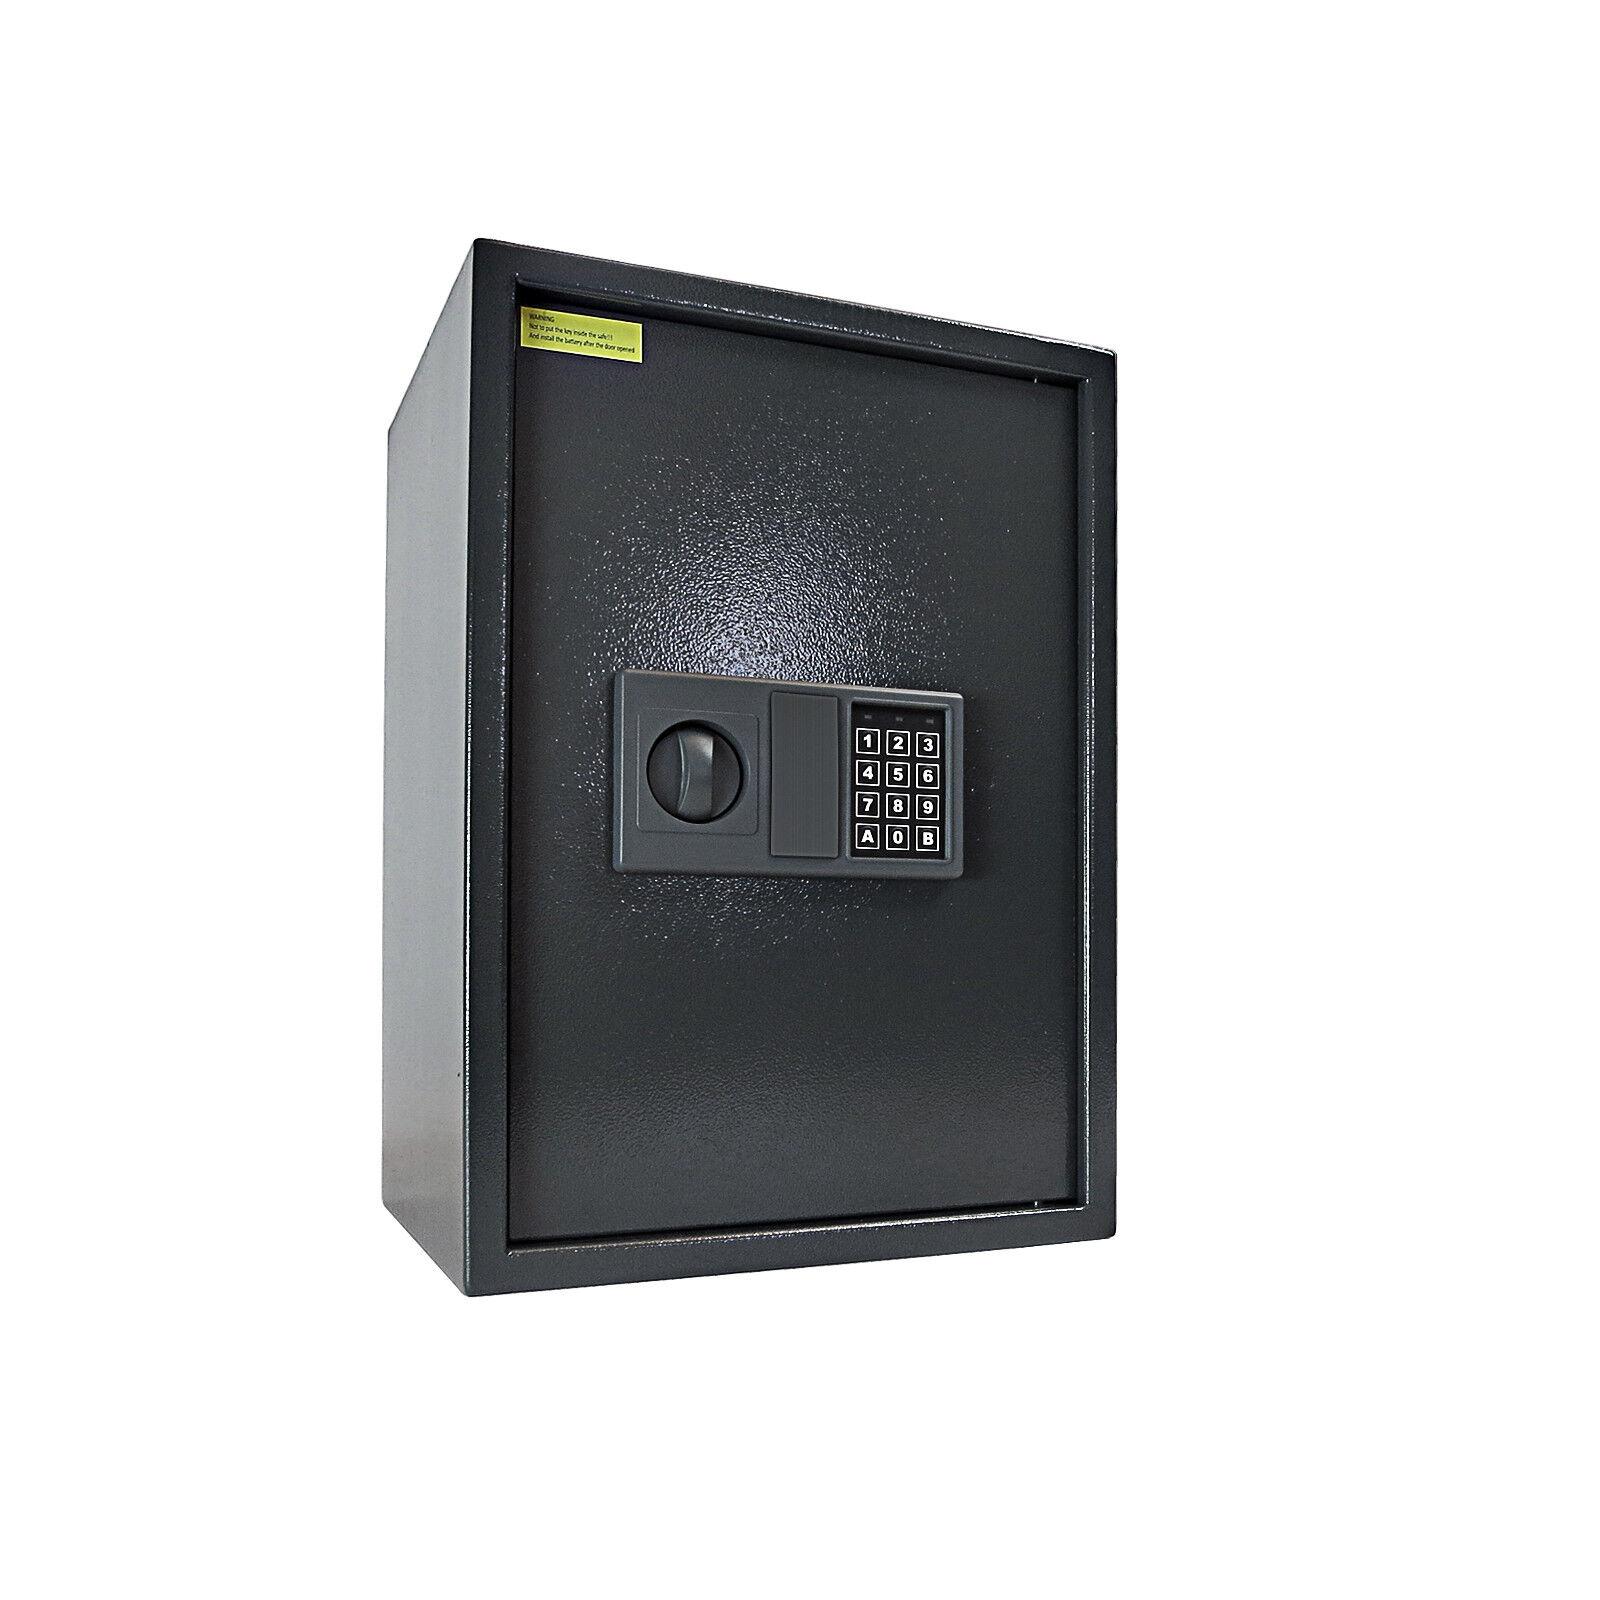 Grandes De Alta Seguridad Electrónico Digital Acero Hogar Seguro